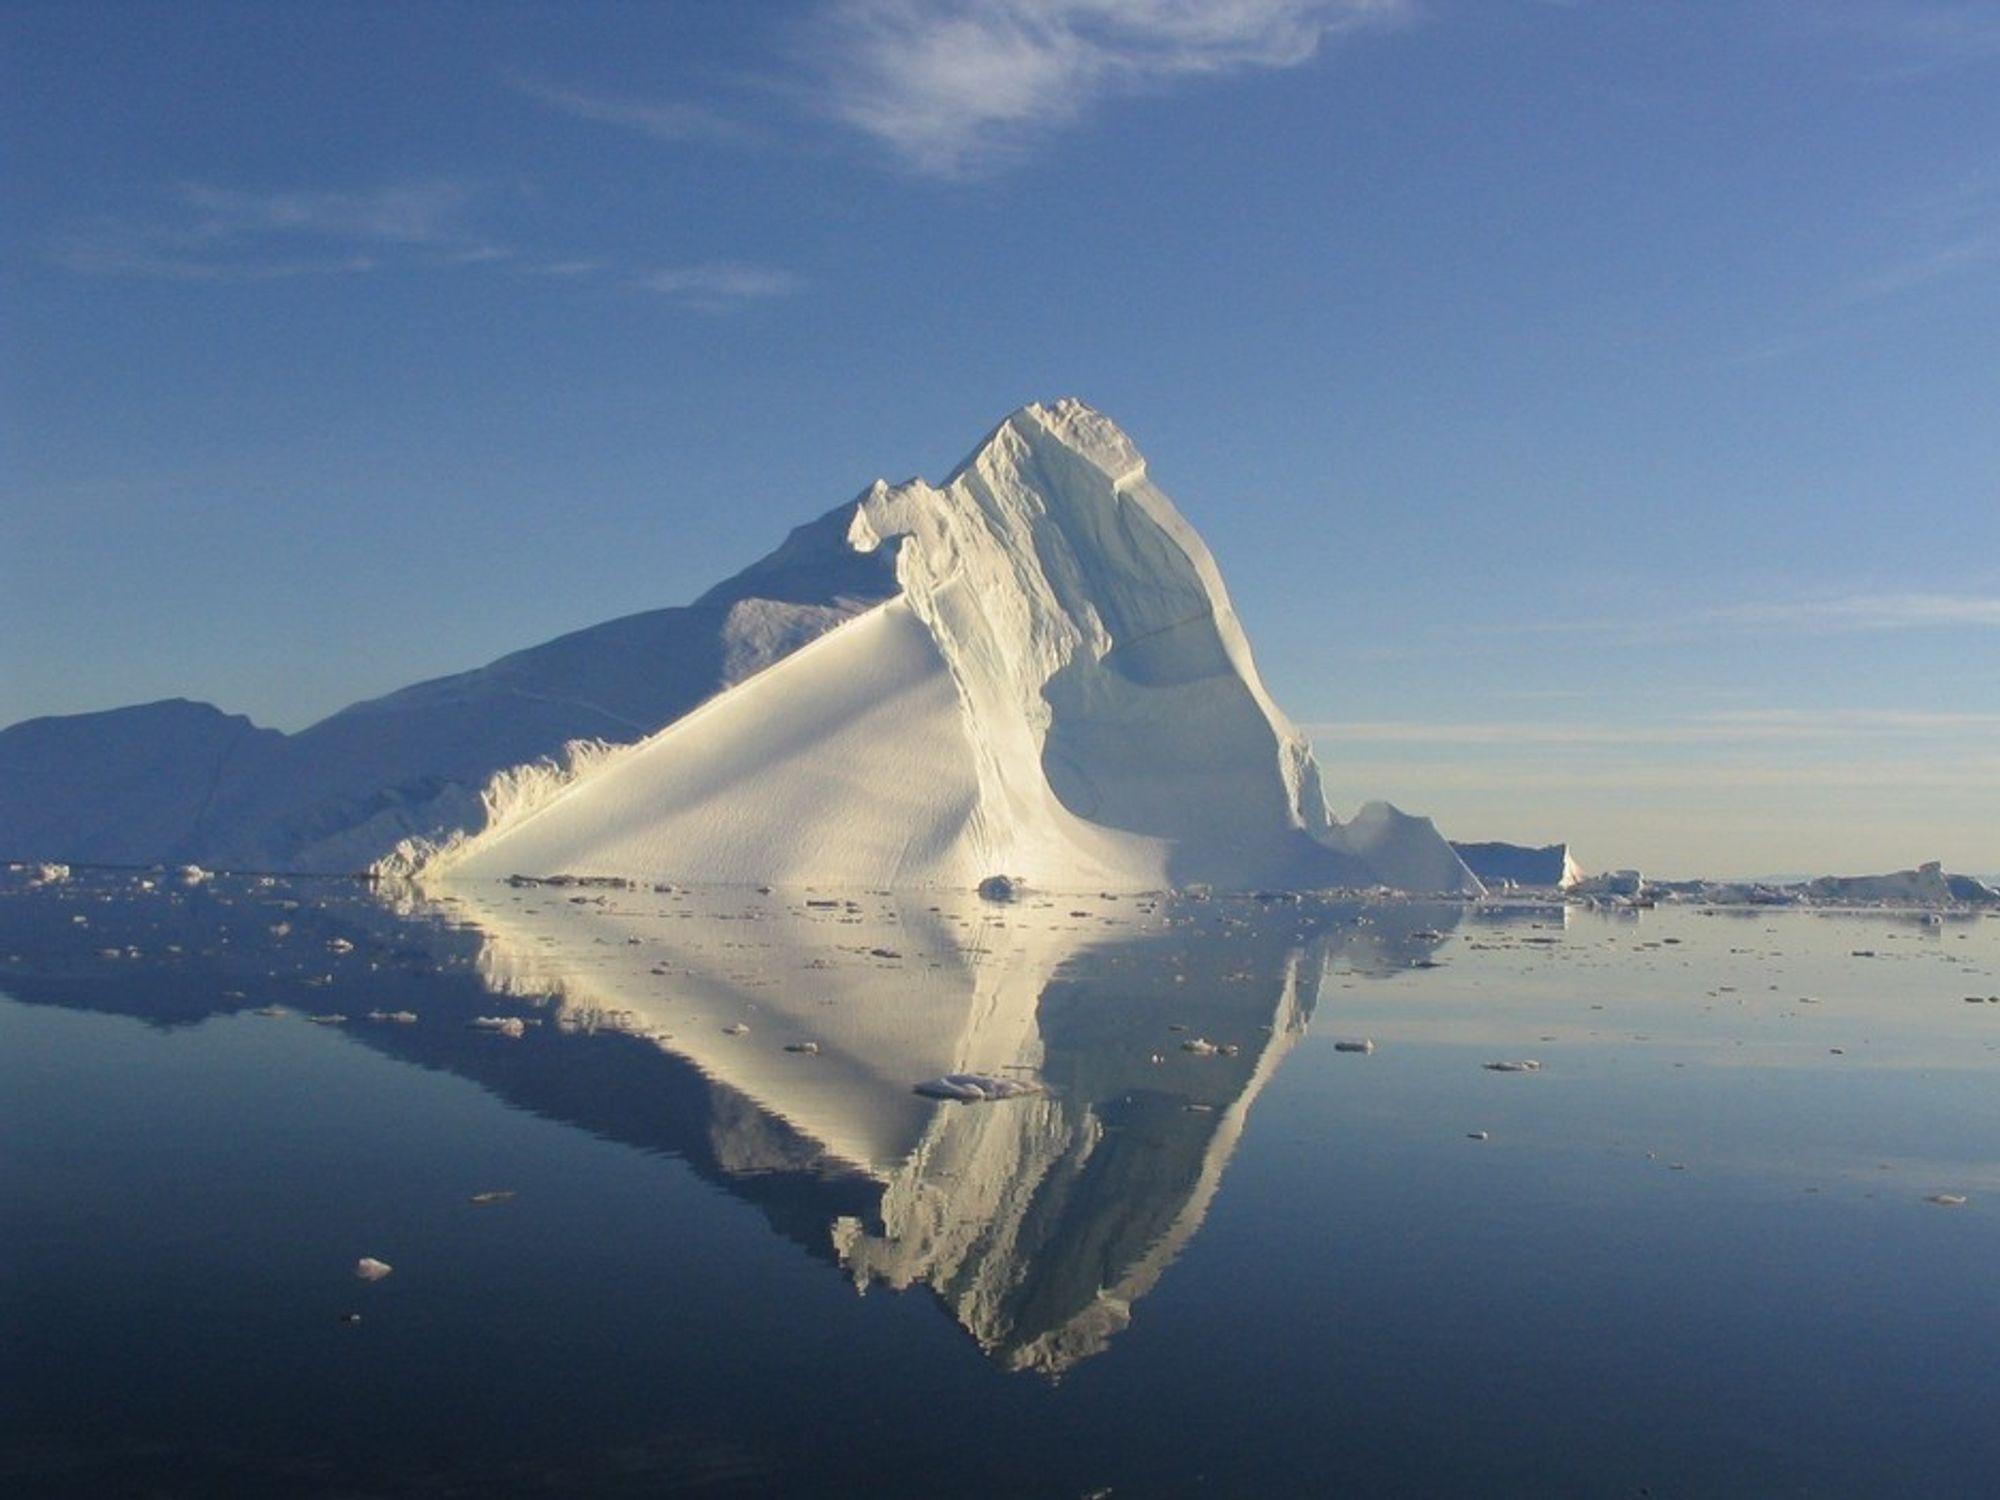 MER OM PENGER: Det er behov for en massiv satsing på forskning innenfor klima og energi, mener Forskningsrådet.